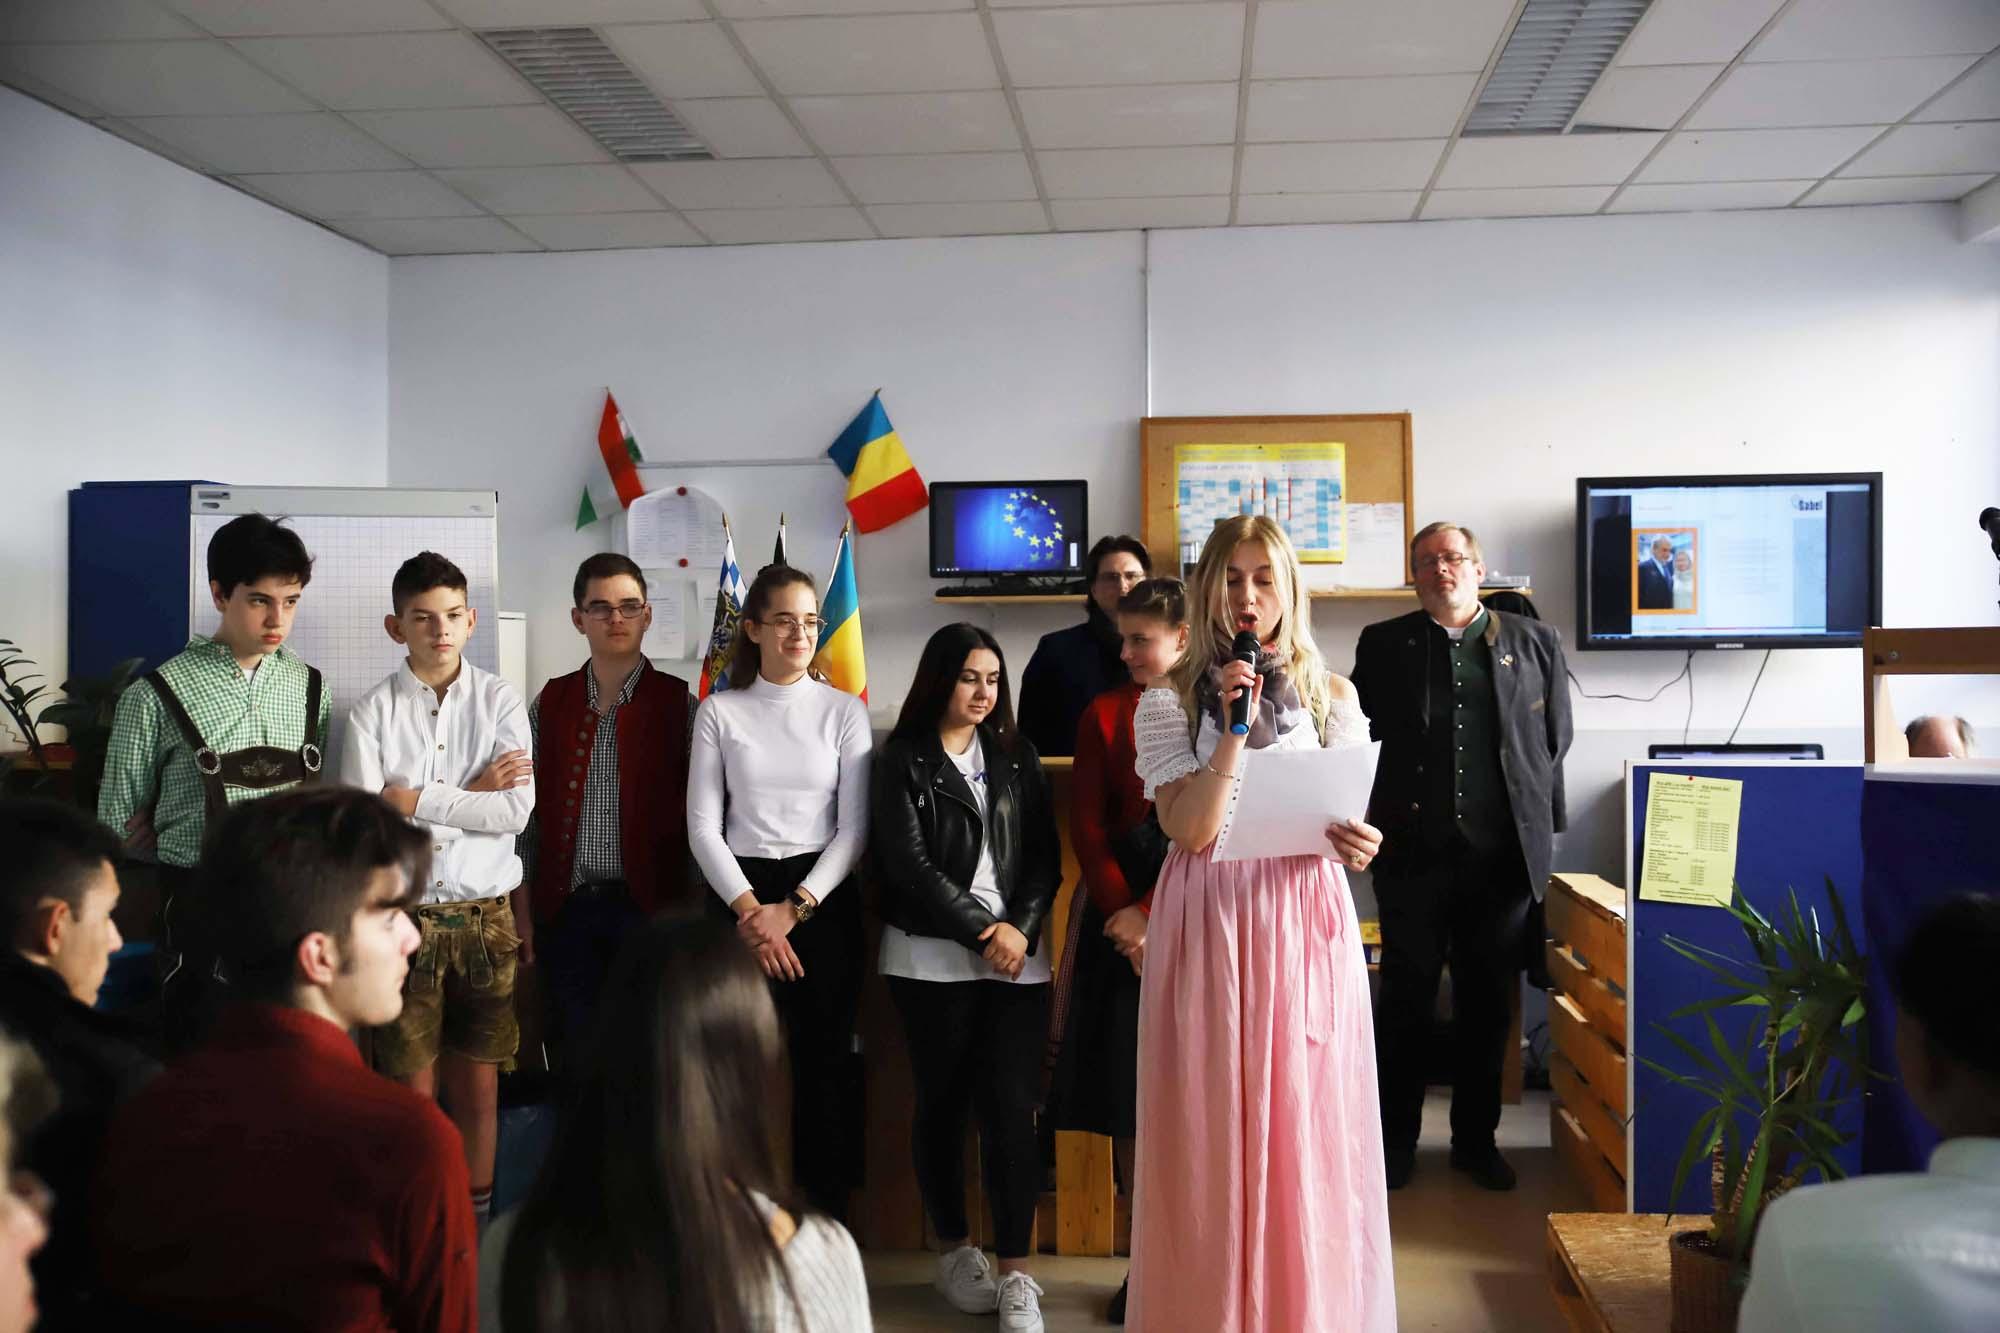 Lehrkraft der SABEL Wirtschaftsschule referiert über das Projekt Inclusion in secondary school